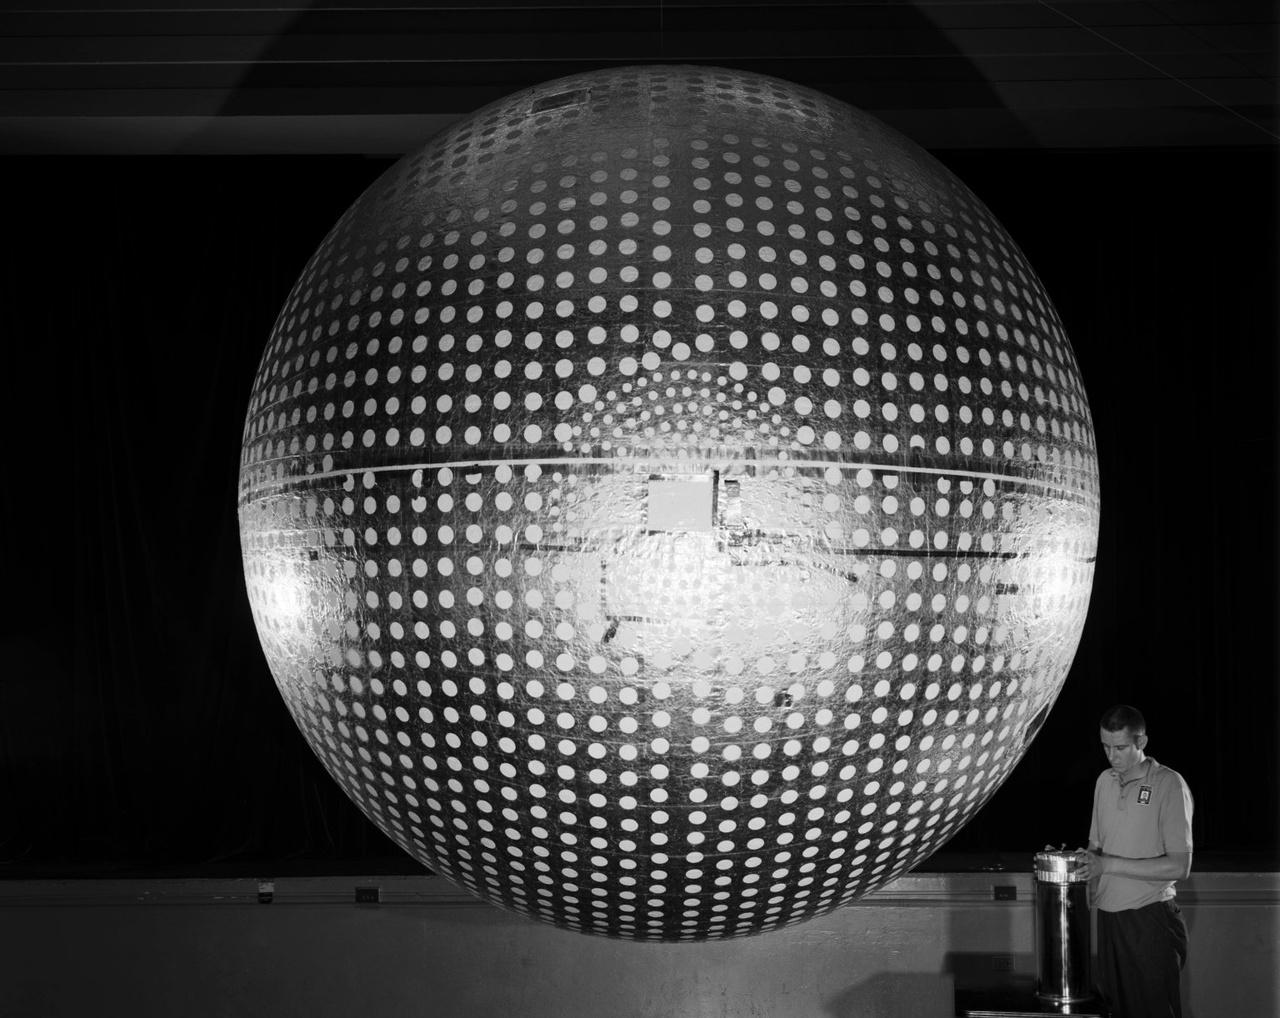 1964: a 2,6 méter átmérőjű Explorer 24 felfújható műholdat a Langley mérnökei tervezték. A műhold a napsugárzás és a légkör sűrűségének kapcsolatát vizsgálta.